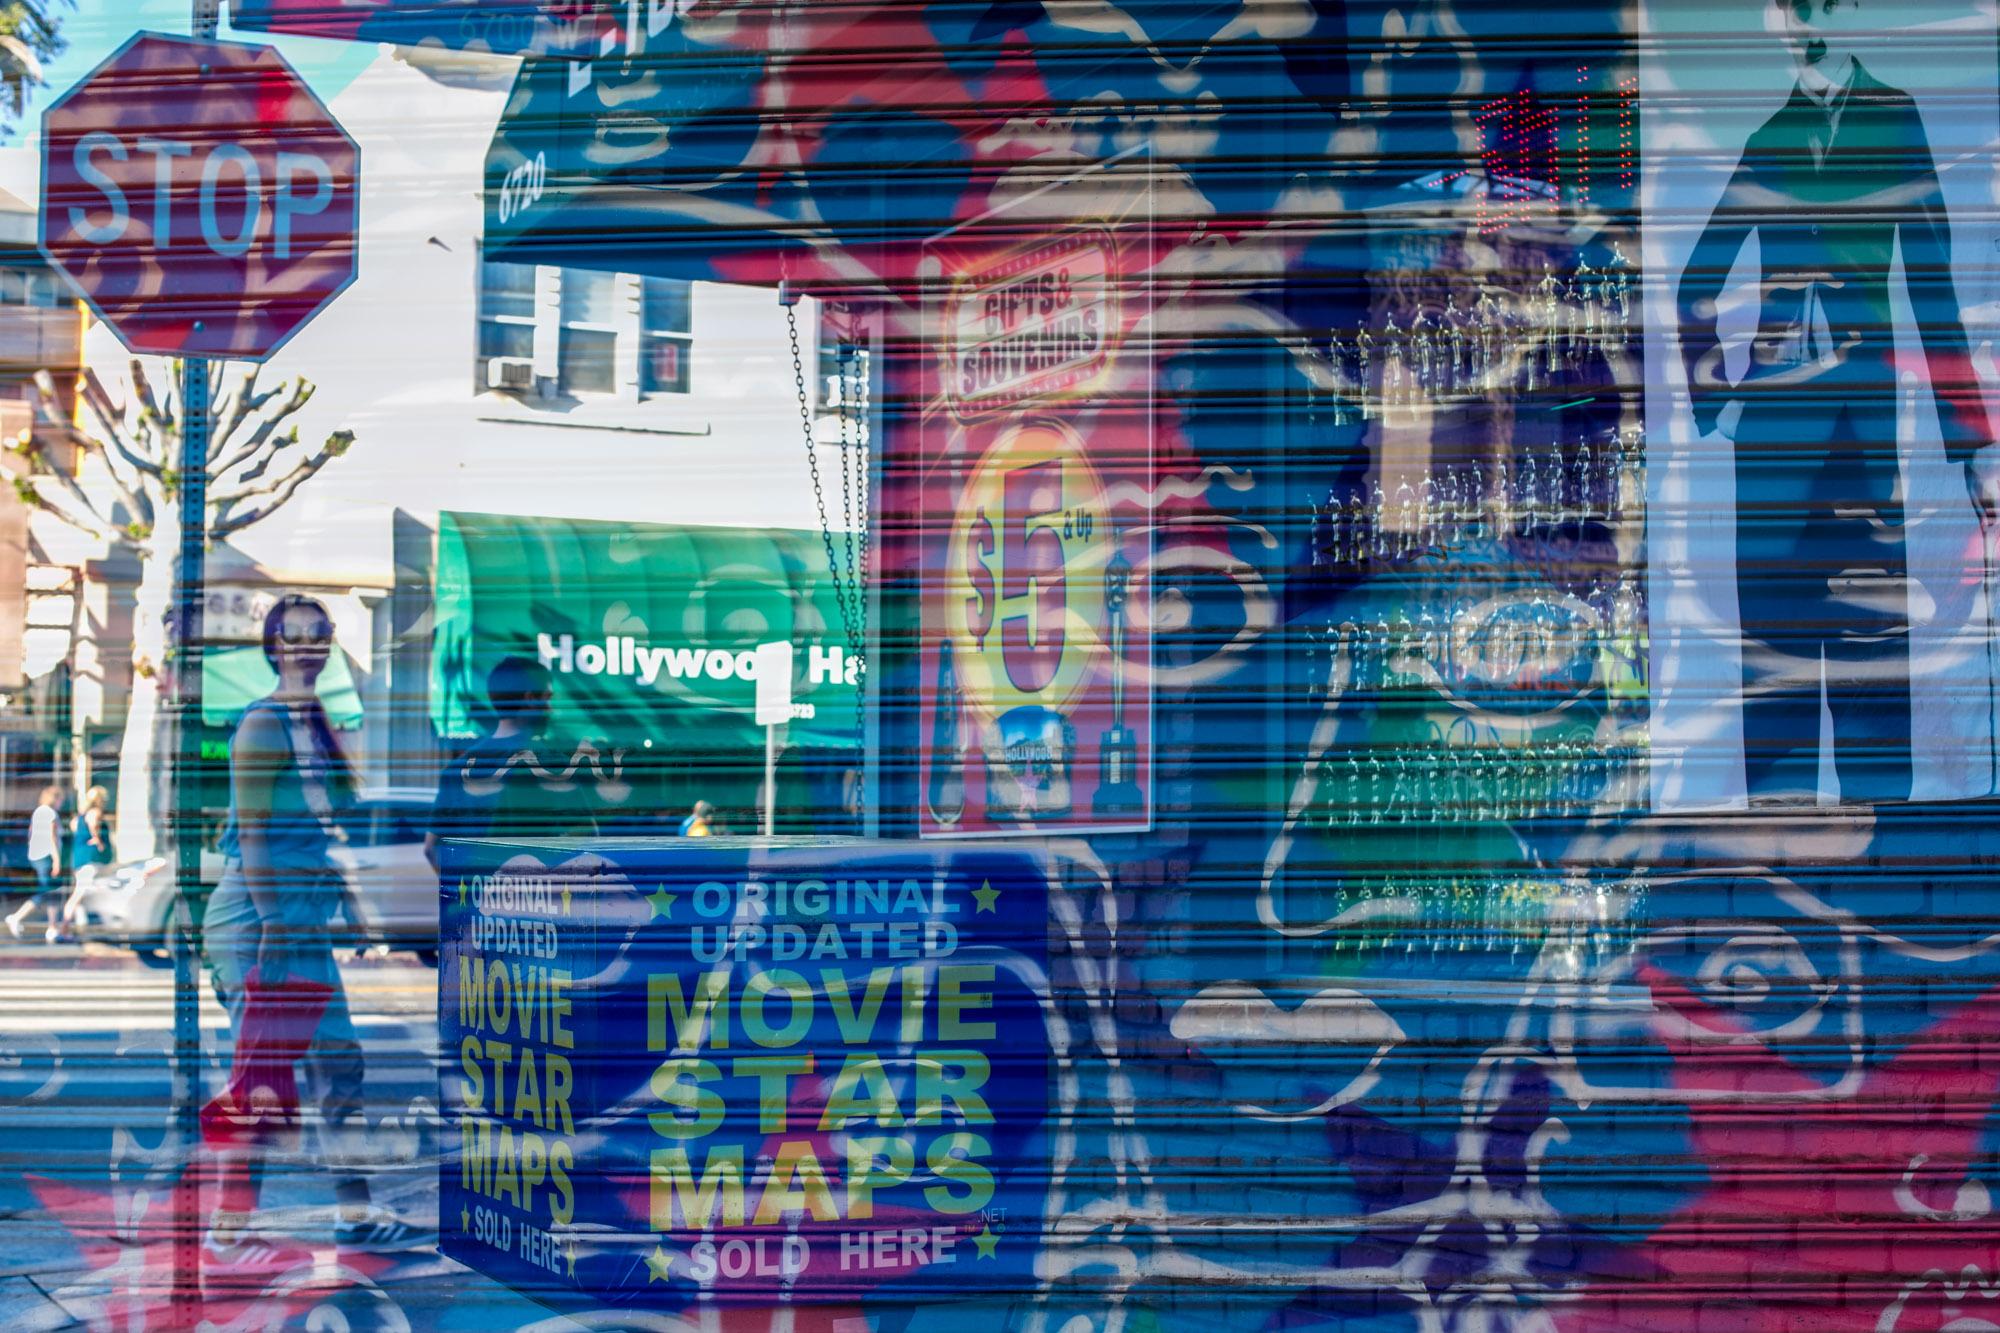 Ellen_Friedlander_ Hollywood_LA_2017 Unnatural-3115.jpg